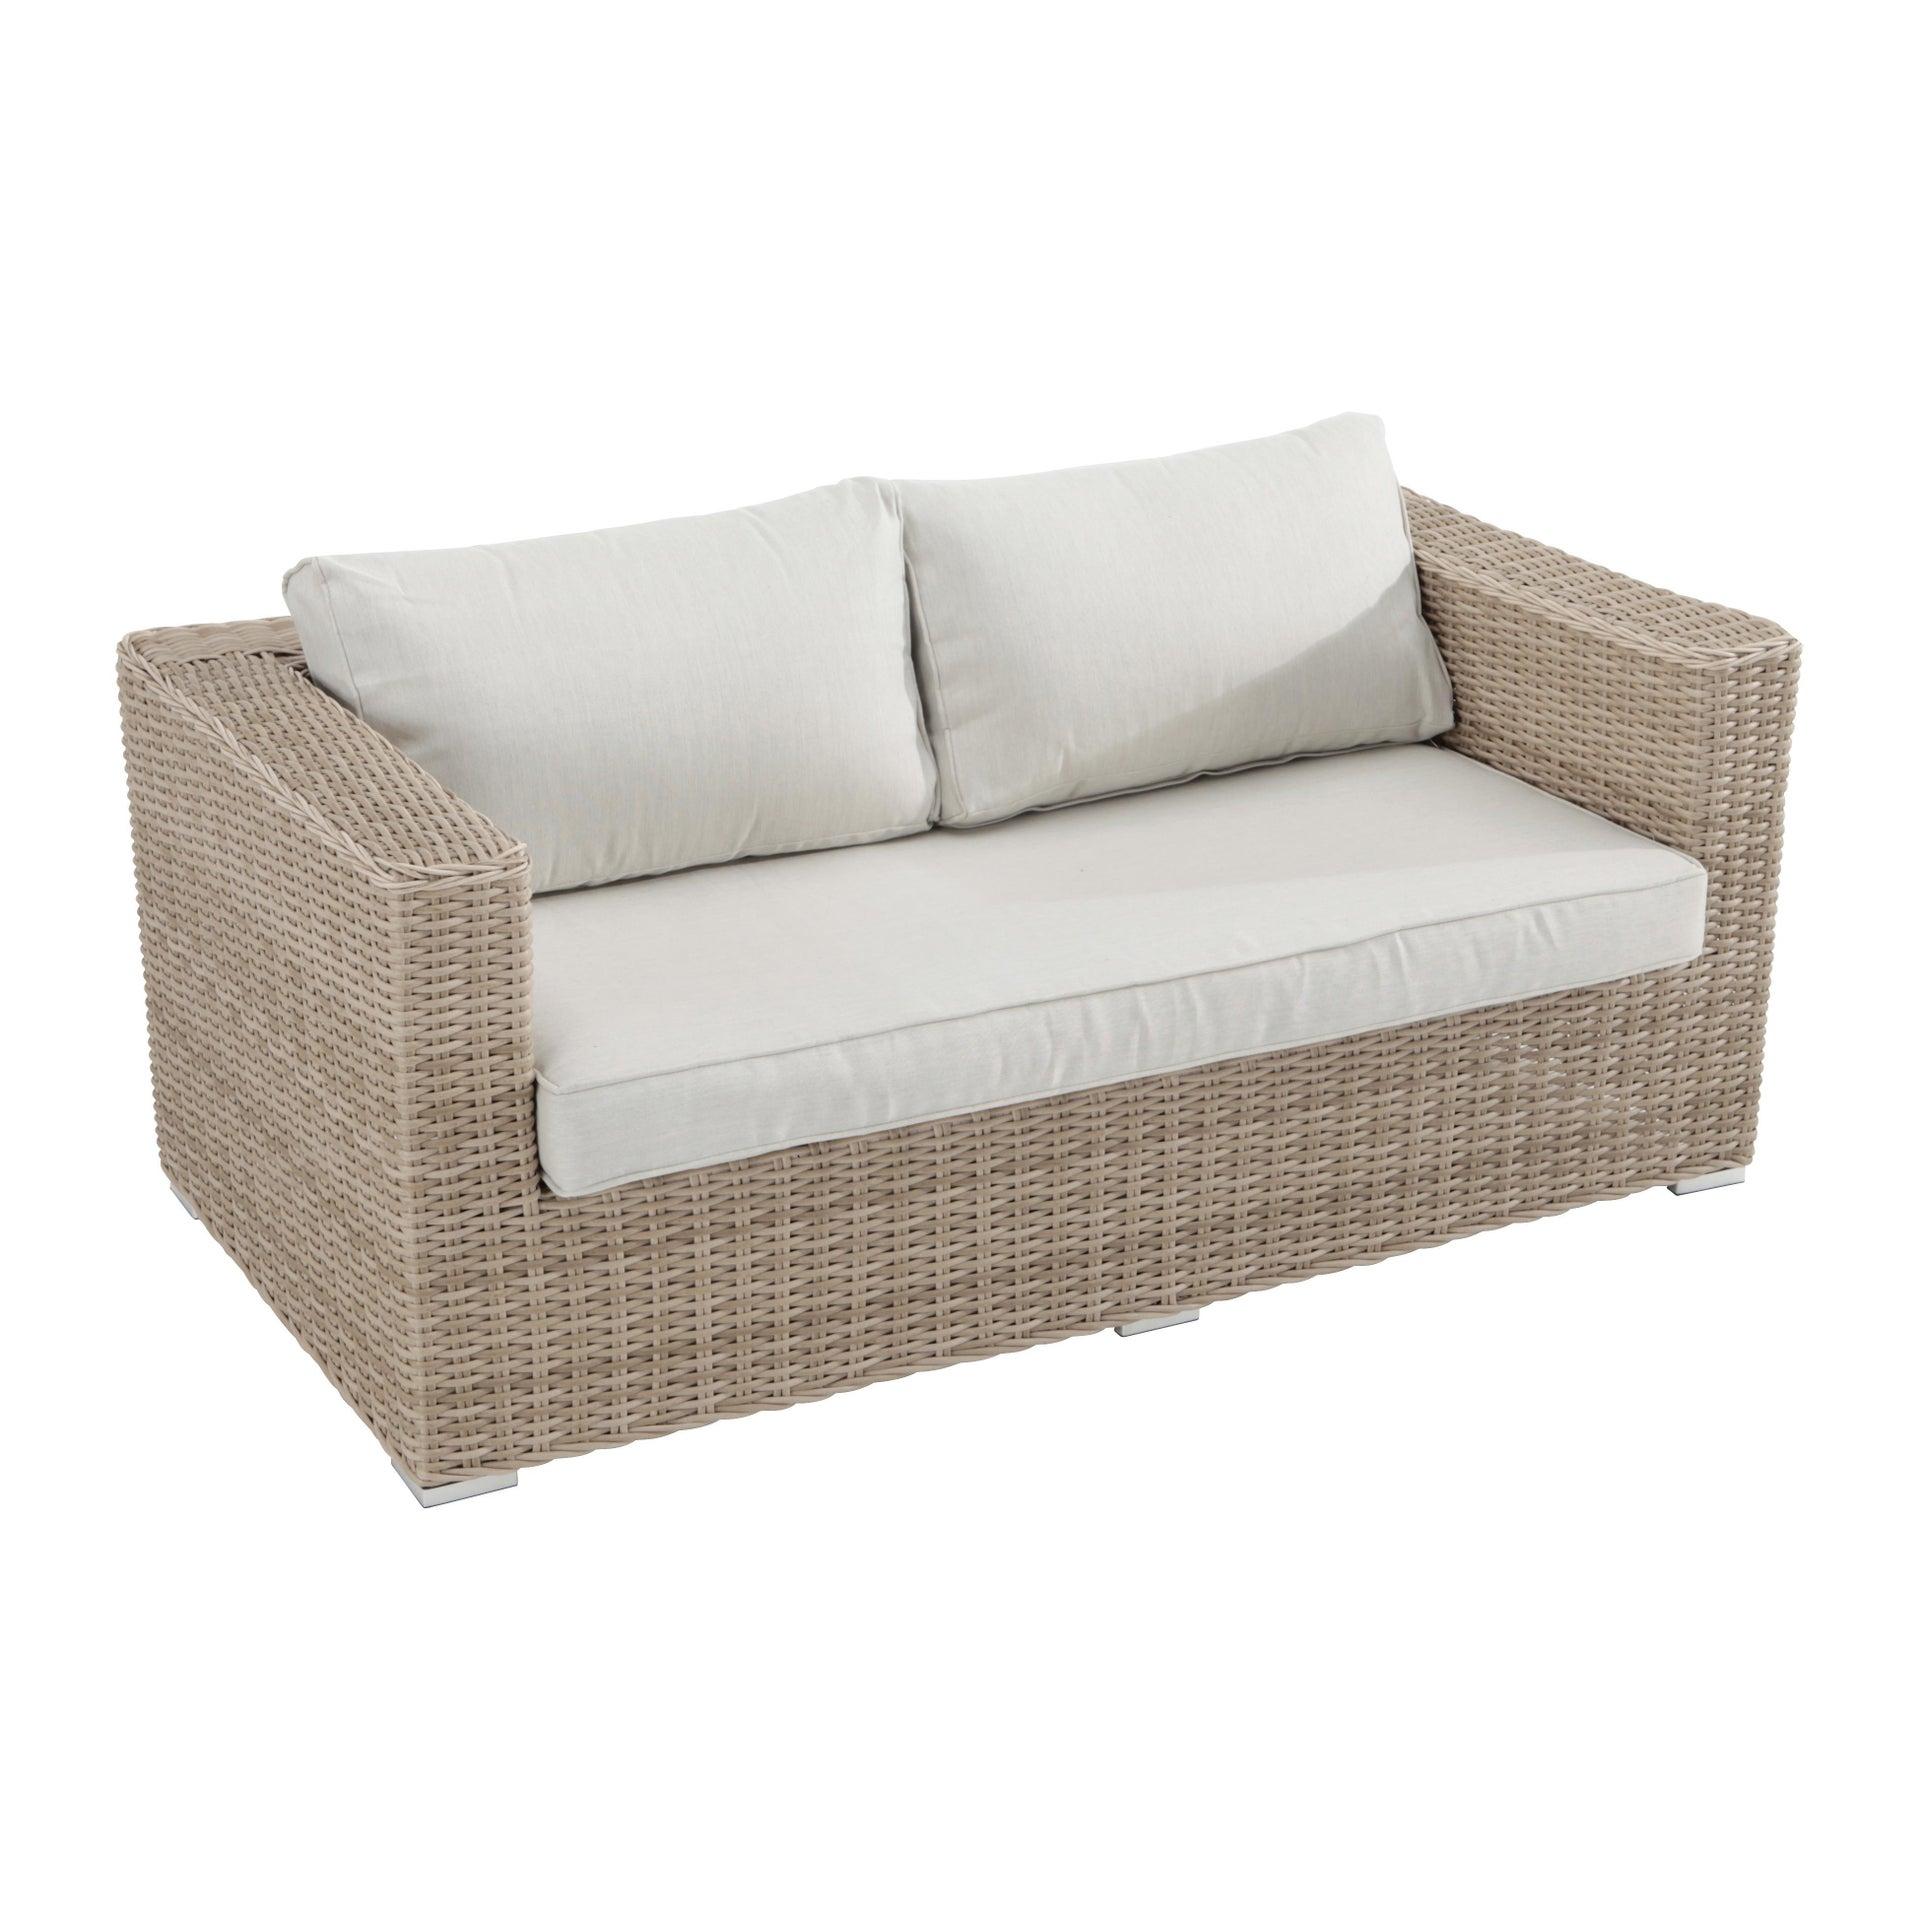 Divano da giardino con cuscino 2 posti in alluminio Costarica NATERIAL colore naturale - 1